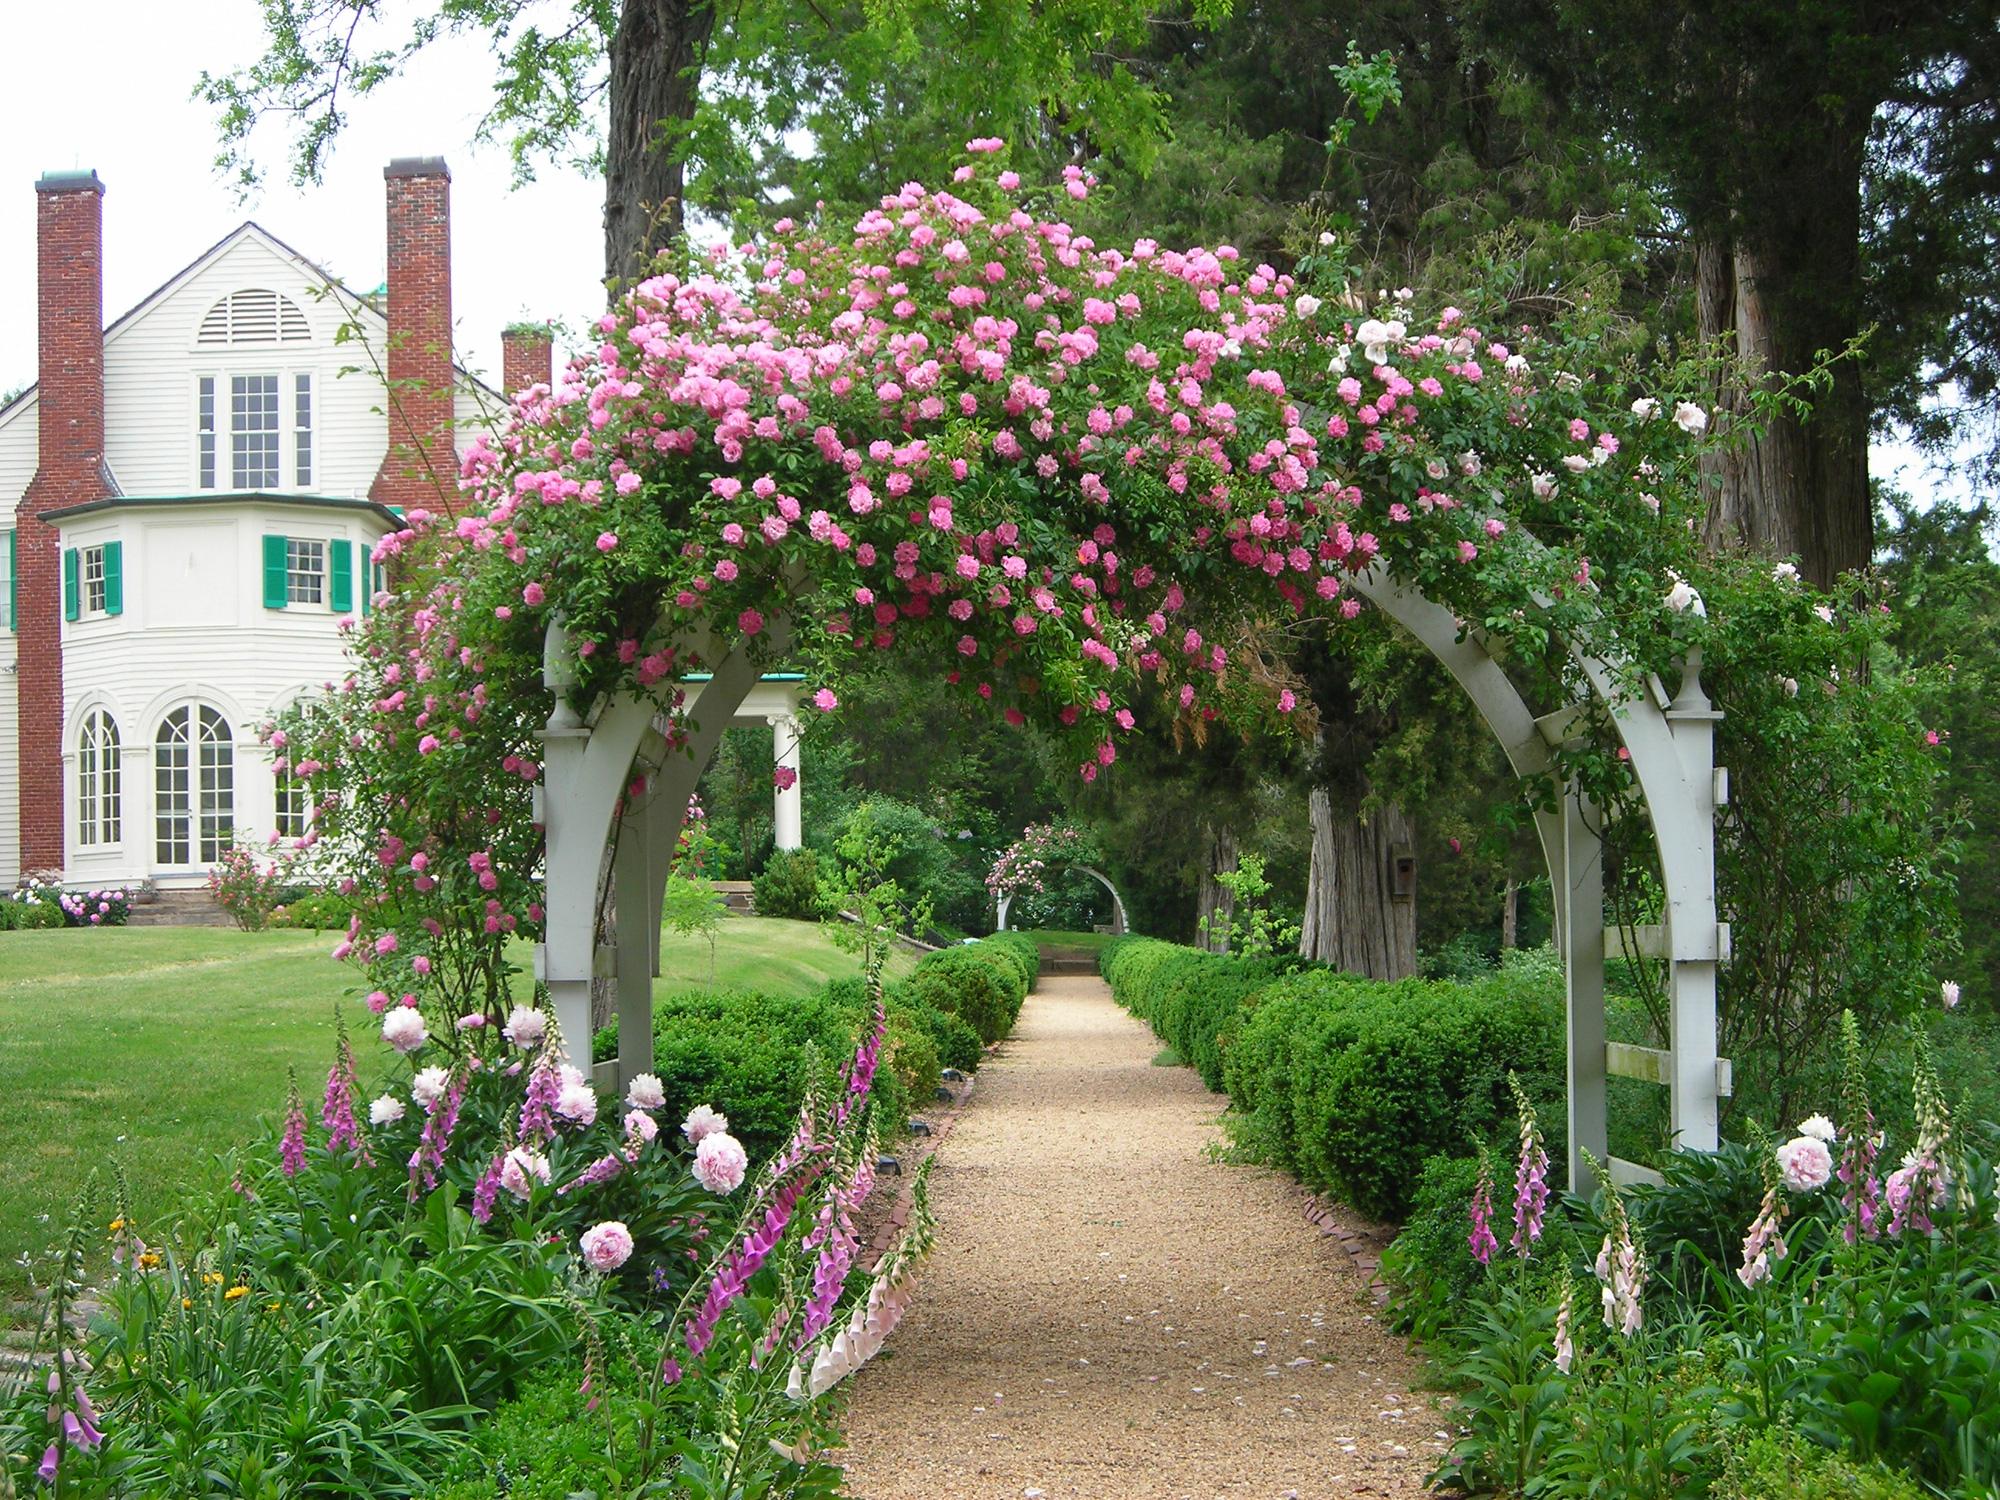 """Những cổng nhà có hoa hồng leo lãng mạn đẹp đến """"lịm tim"""" - Ảnh 4."""